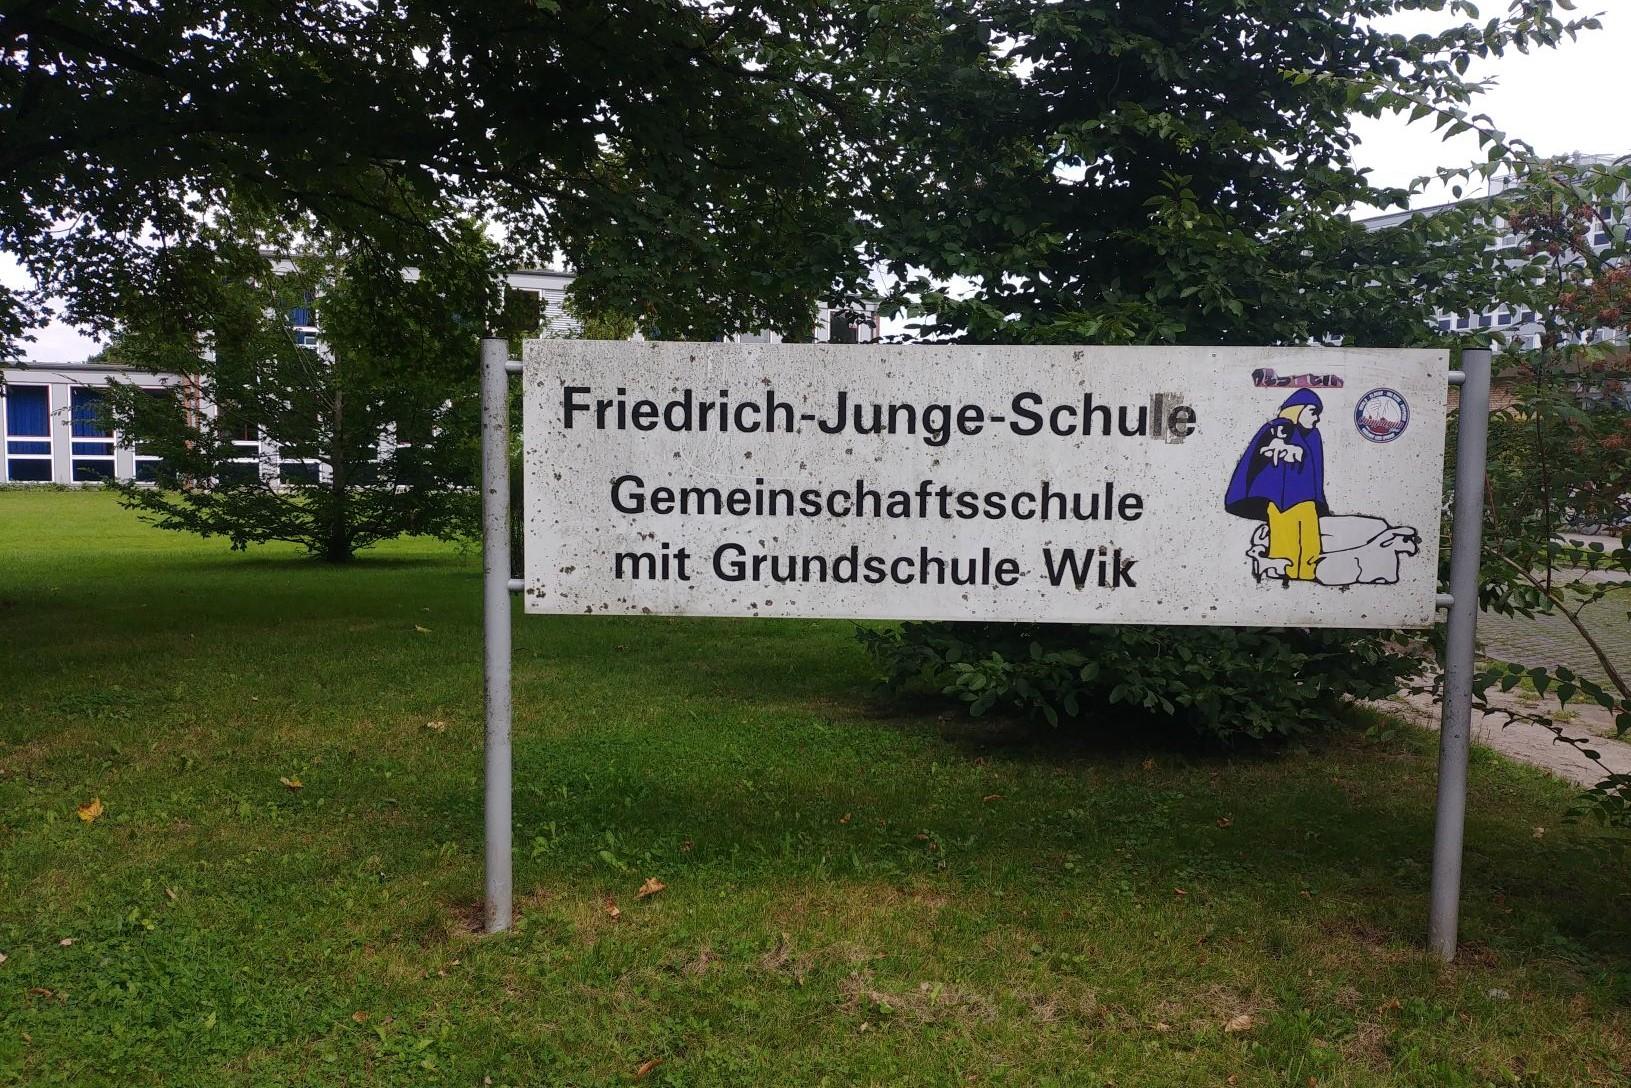 Schild Friedrich-Junge-Schule. Gemeinschaftsschule mit Grundschule Wik